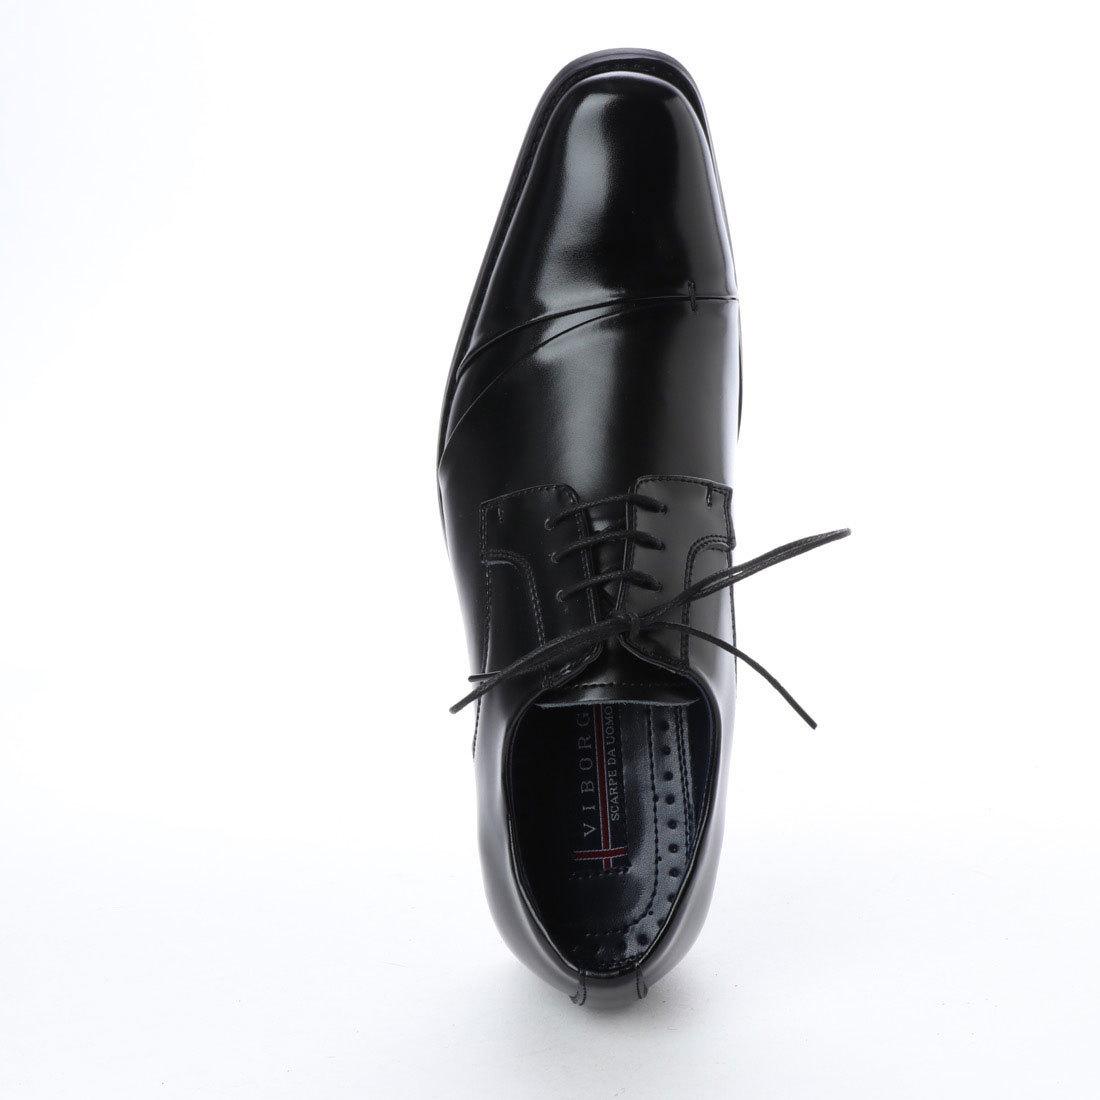 【アウトレット】【安い】【本革】【日本製】 VIBORGS メンズ ビジネスシューズ 紳士靴 革靴 VB-3110 ストレートチップ 紐 ブラック 26.0㎝